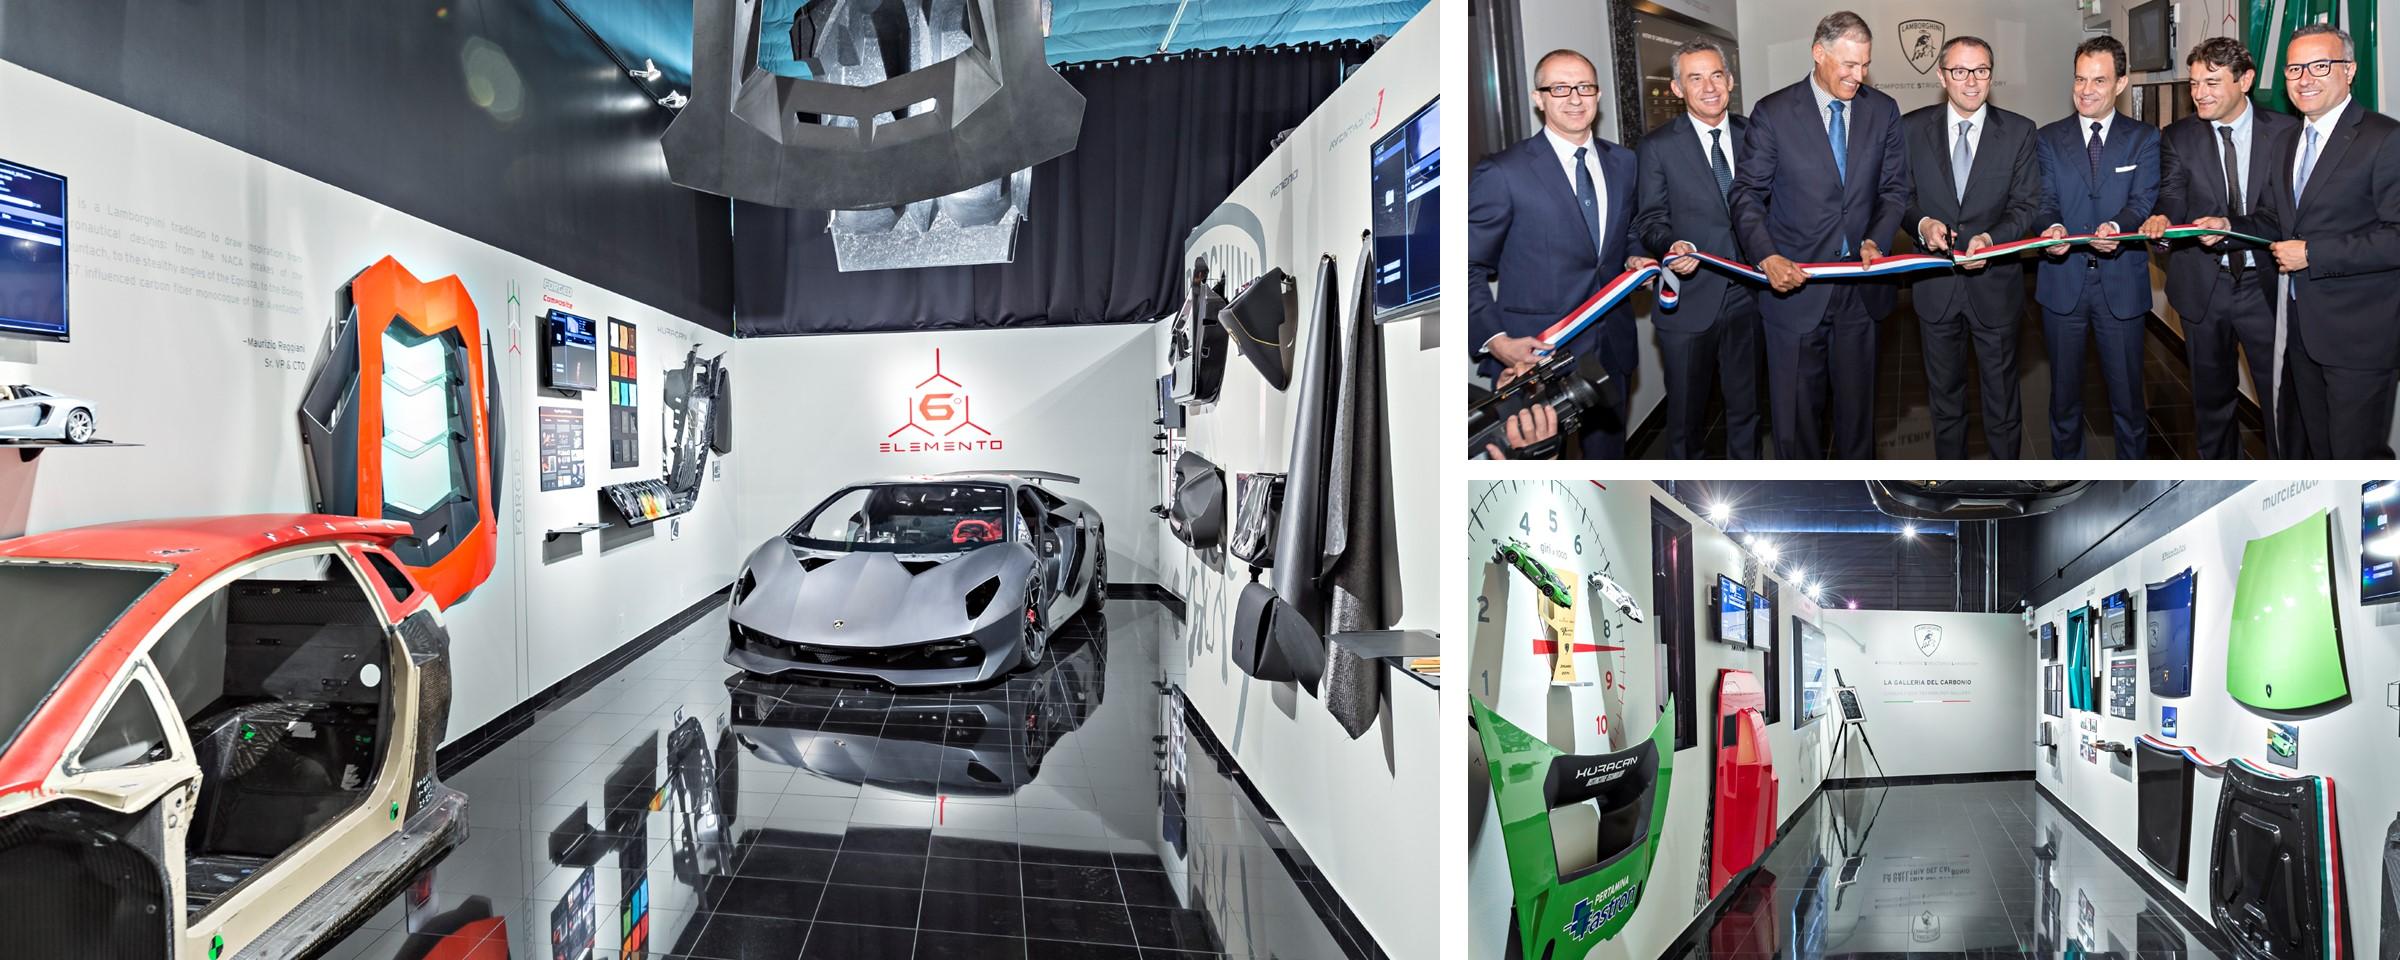 Lamborghini S Advanced Composite Structures Laboratory Opens In Seattle Lamborghini Houston Blog